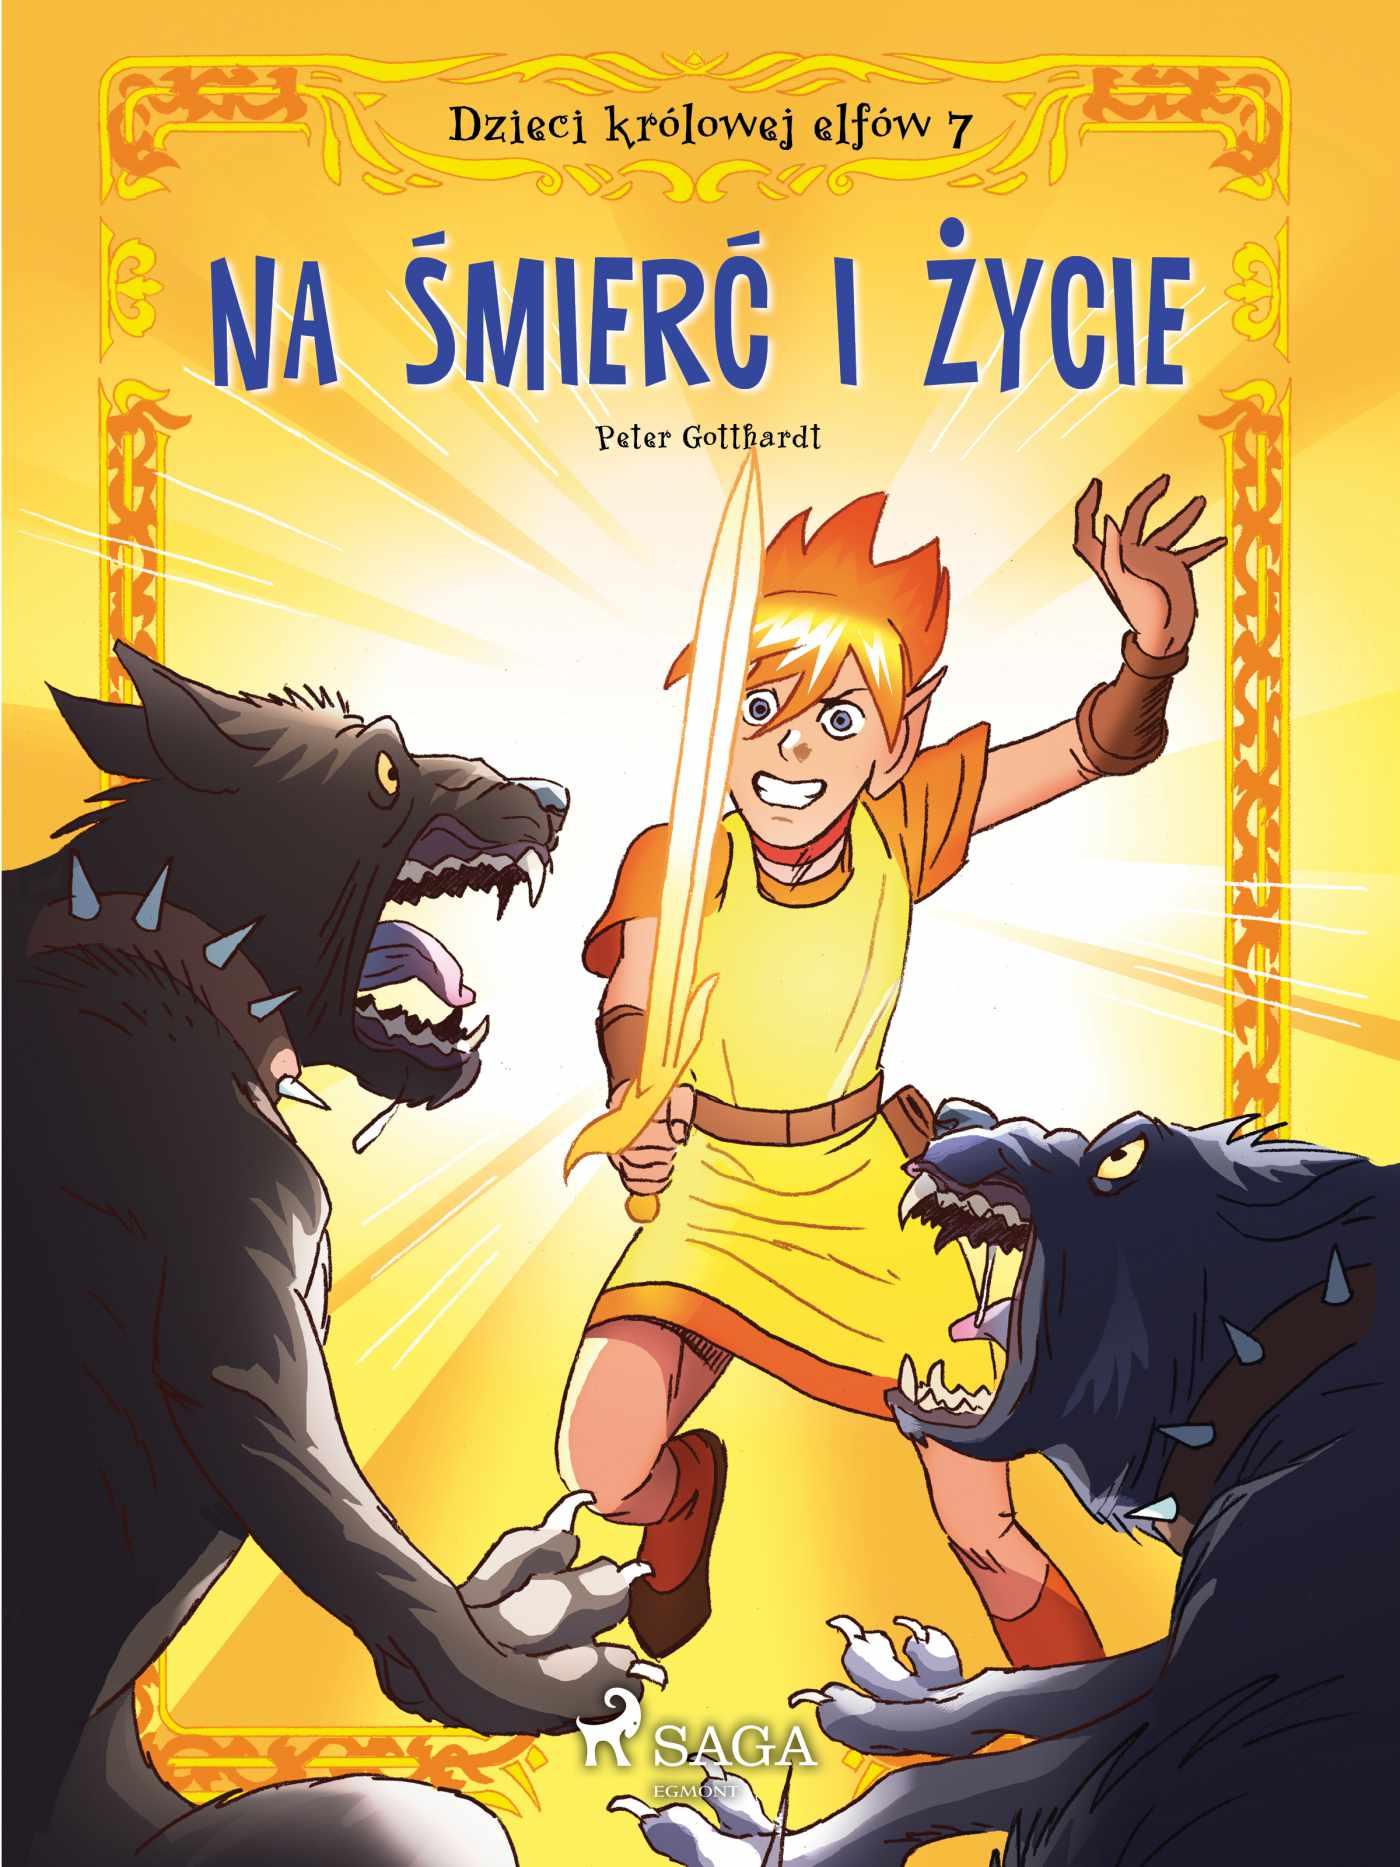 Dzieci królowej elfów 7 - Na śmierć i życie - Ebook (Książka EPUB) do pobrania w formacie EPUB